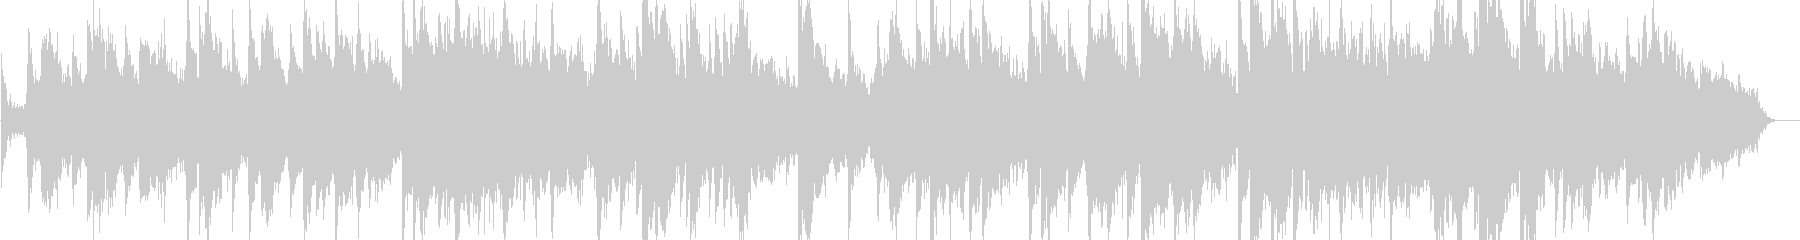 ボイスシンセとピアノによる即興曲の未再生の波形